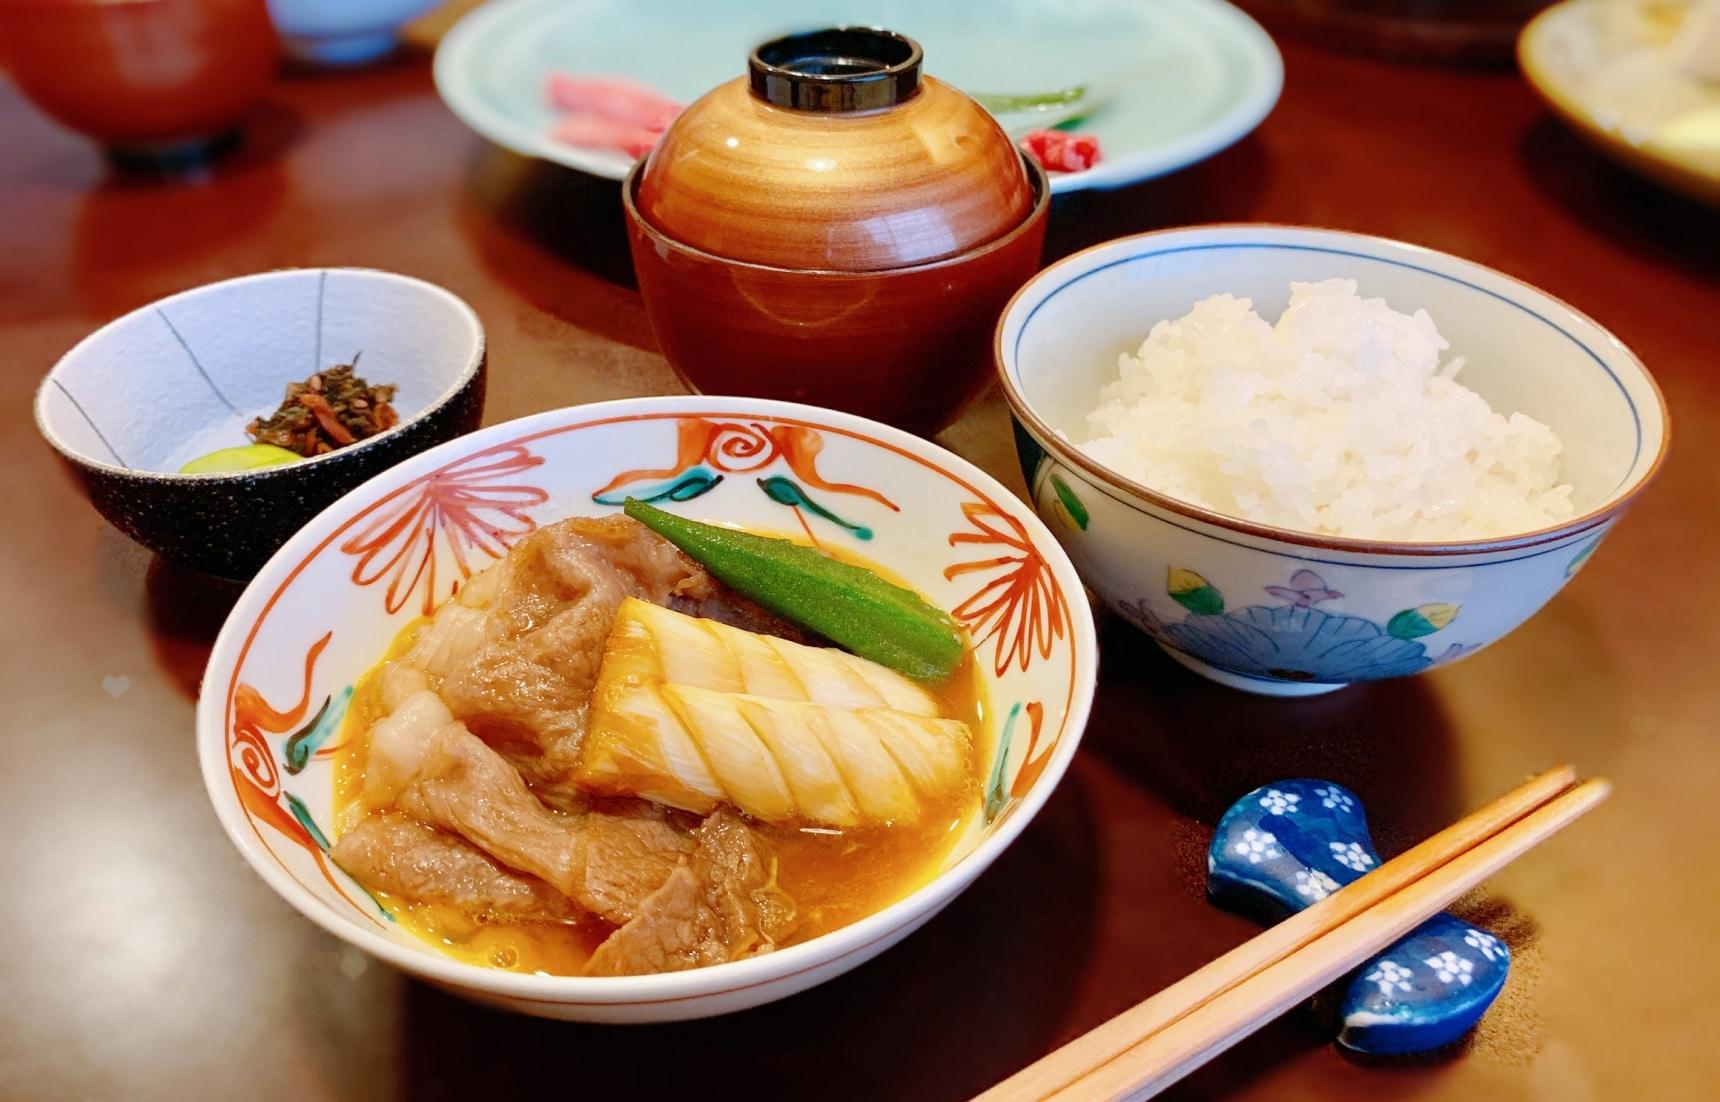 【東京美食】到昭和老店「人形町今半」品嚐最具風味的關東風壽喜燒